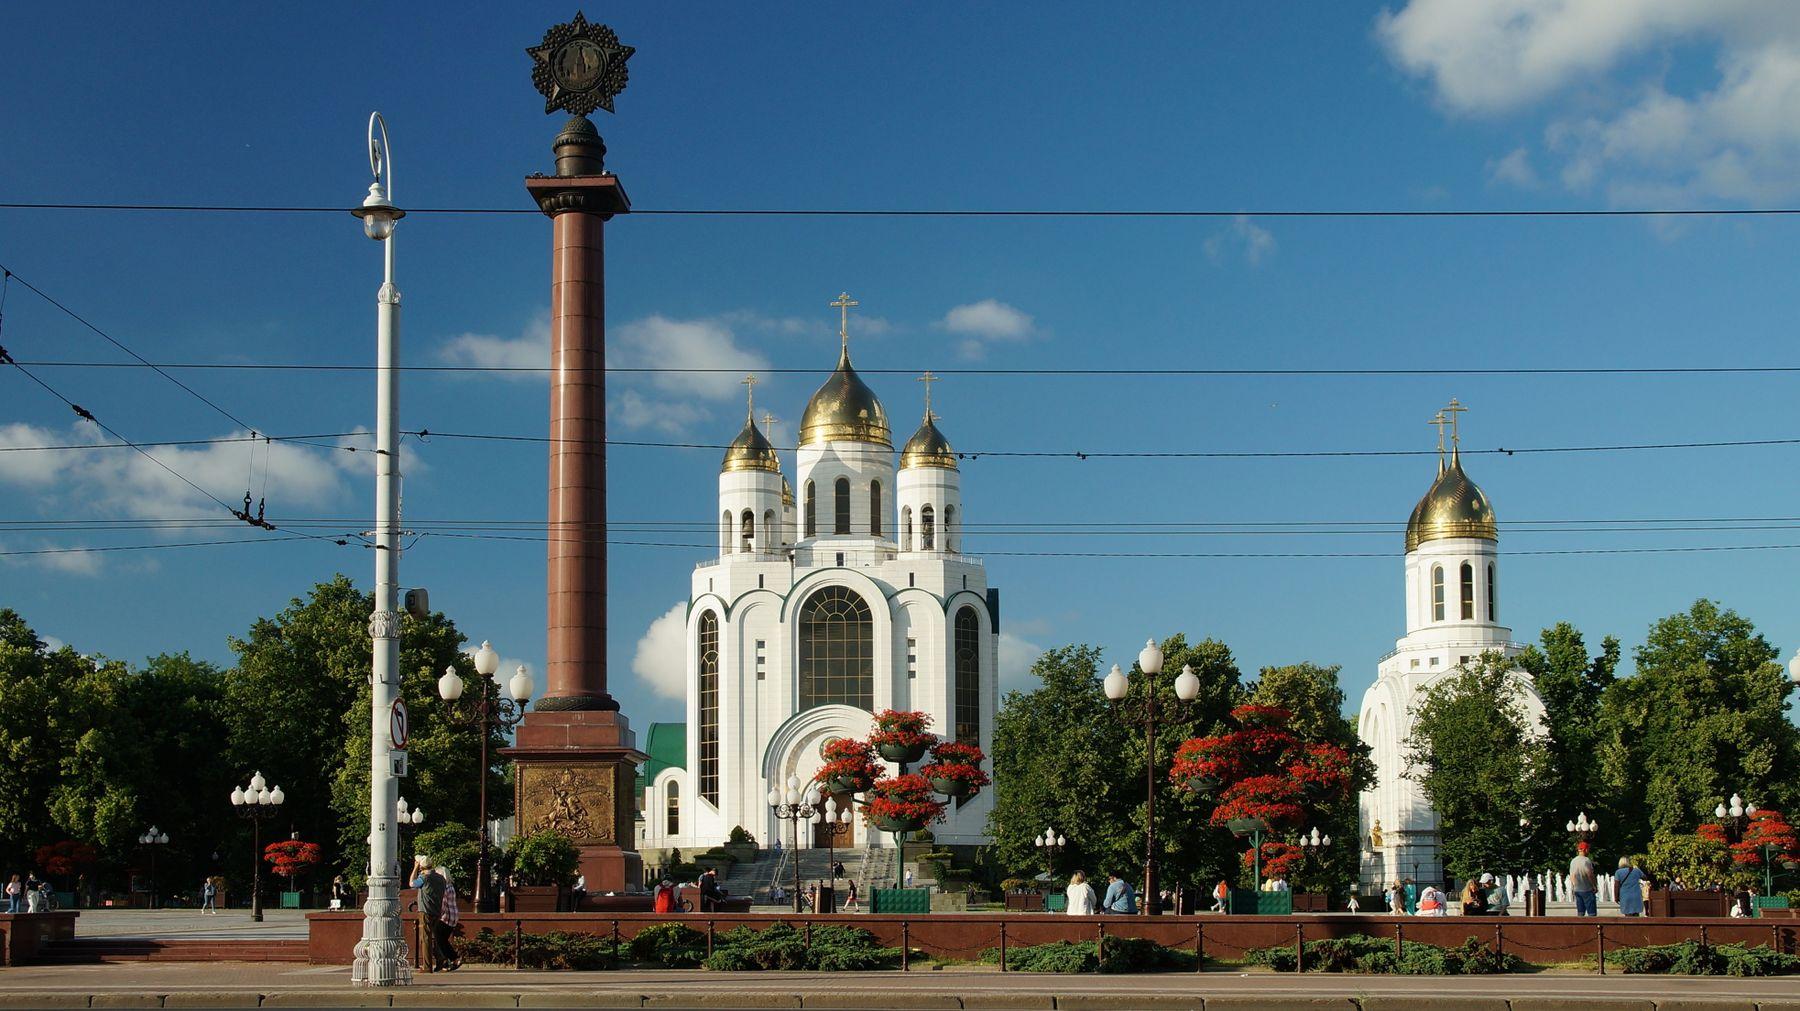 Площадь Победы в Калининграде Калининград площадь Победы лето